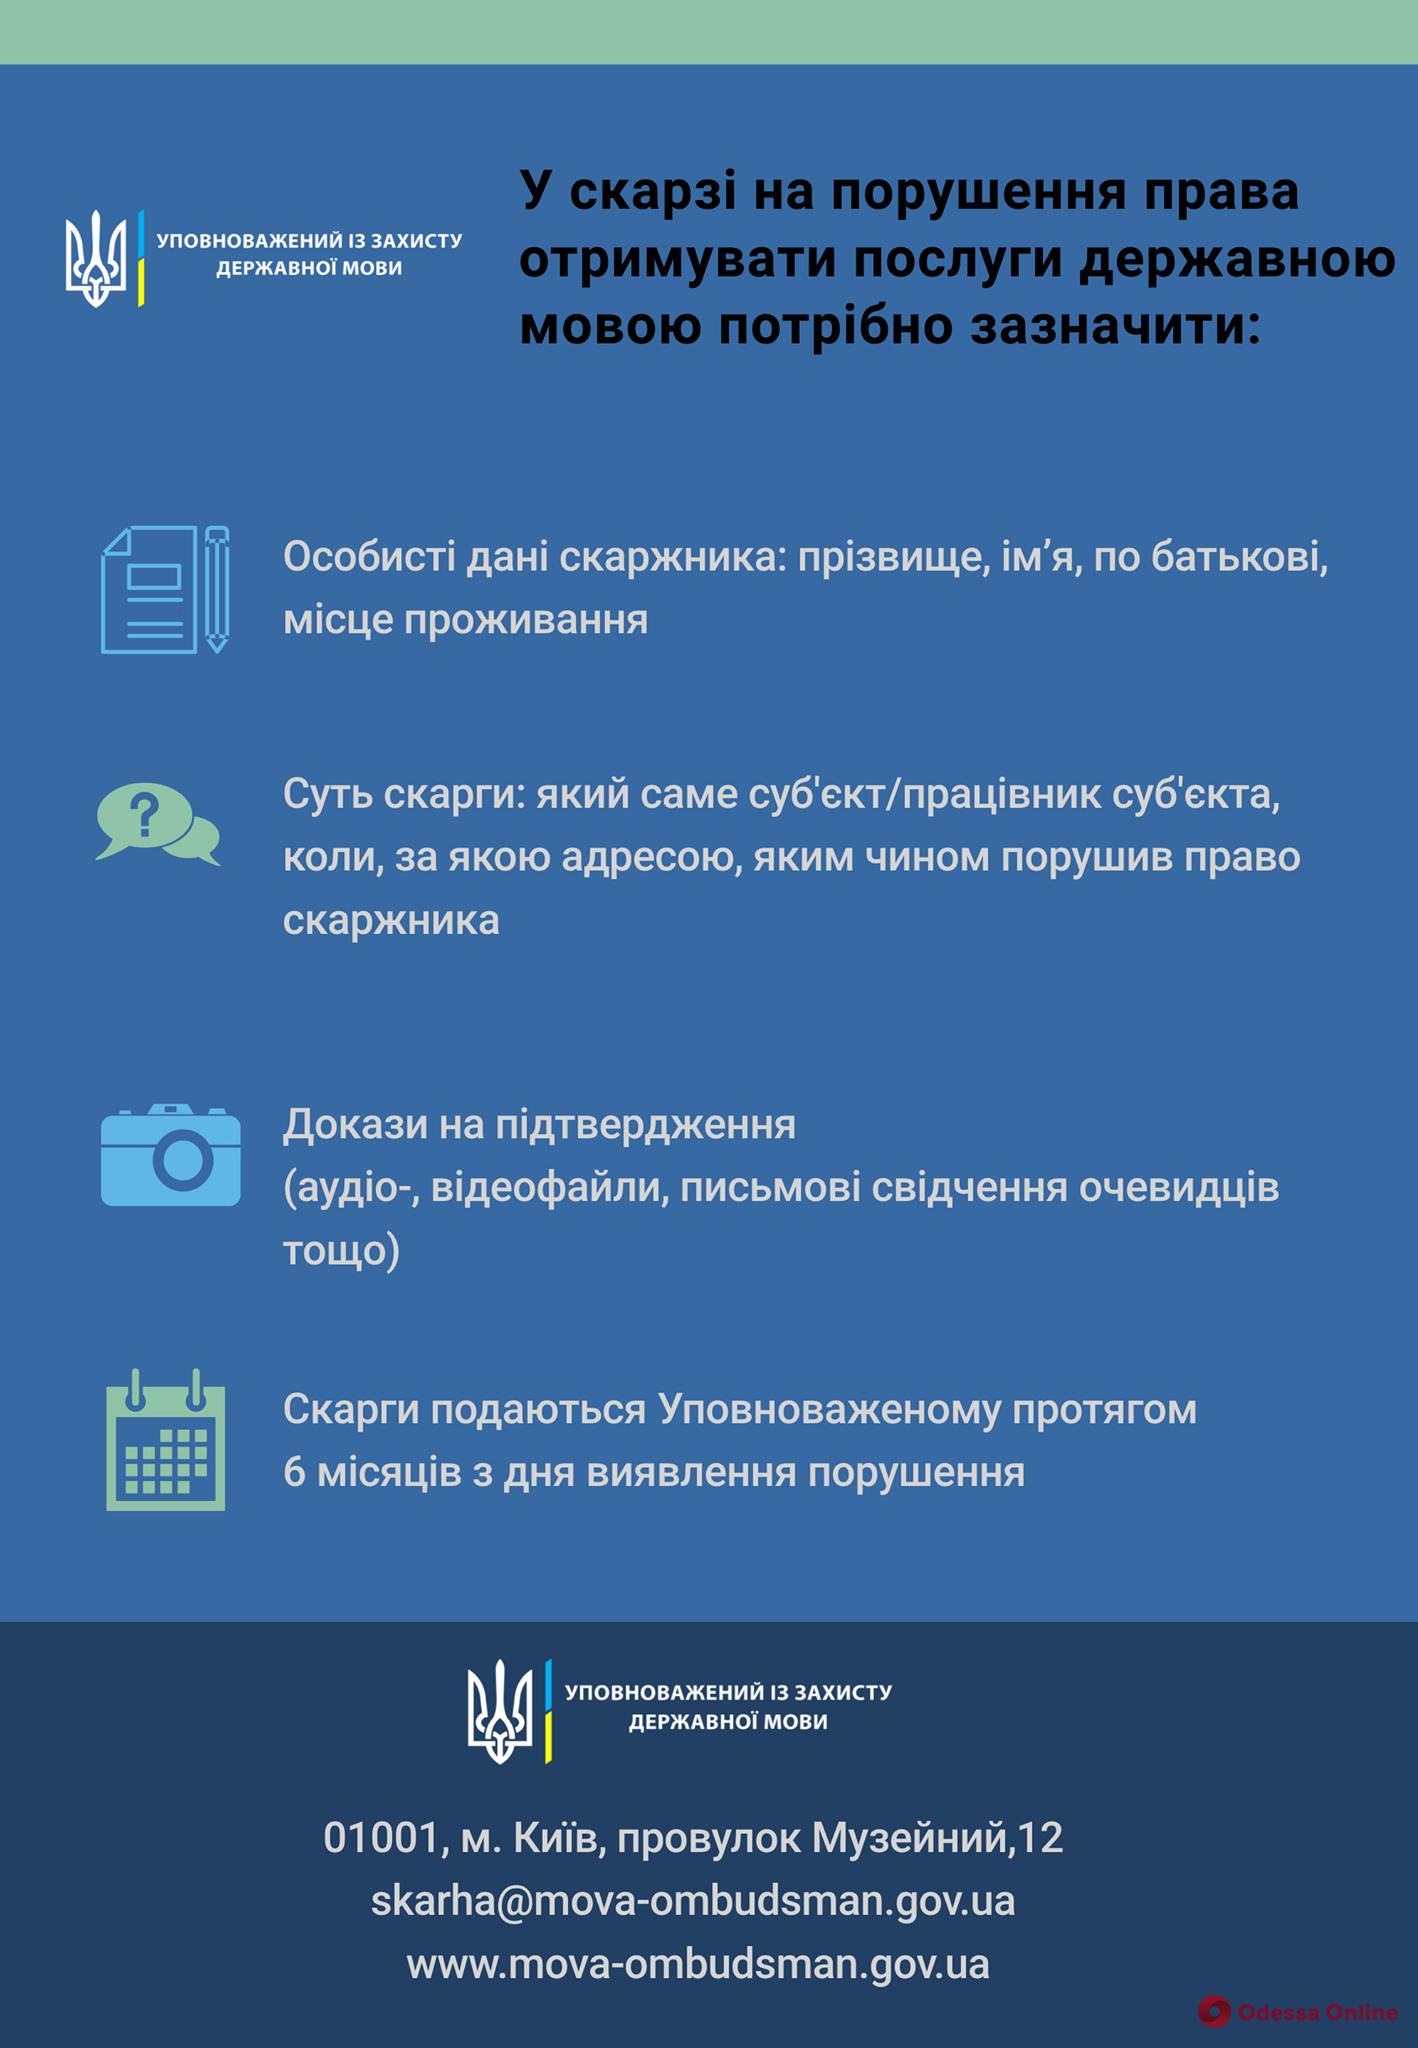 В Украине сфера обслуживания переходит на государственный язык